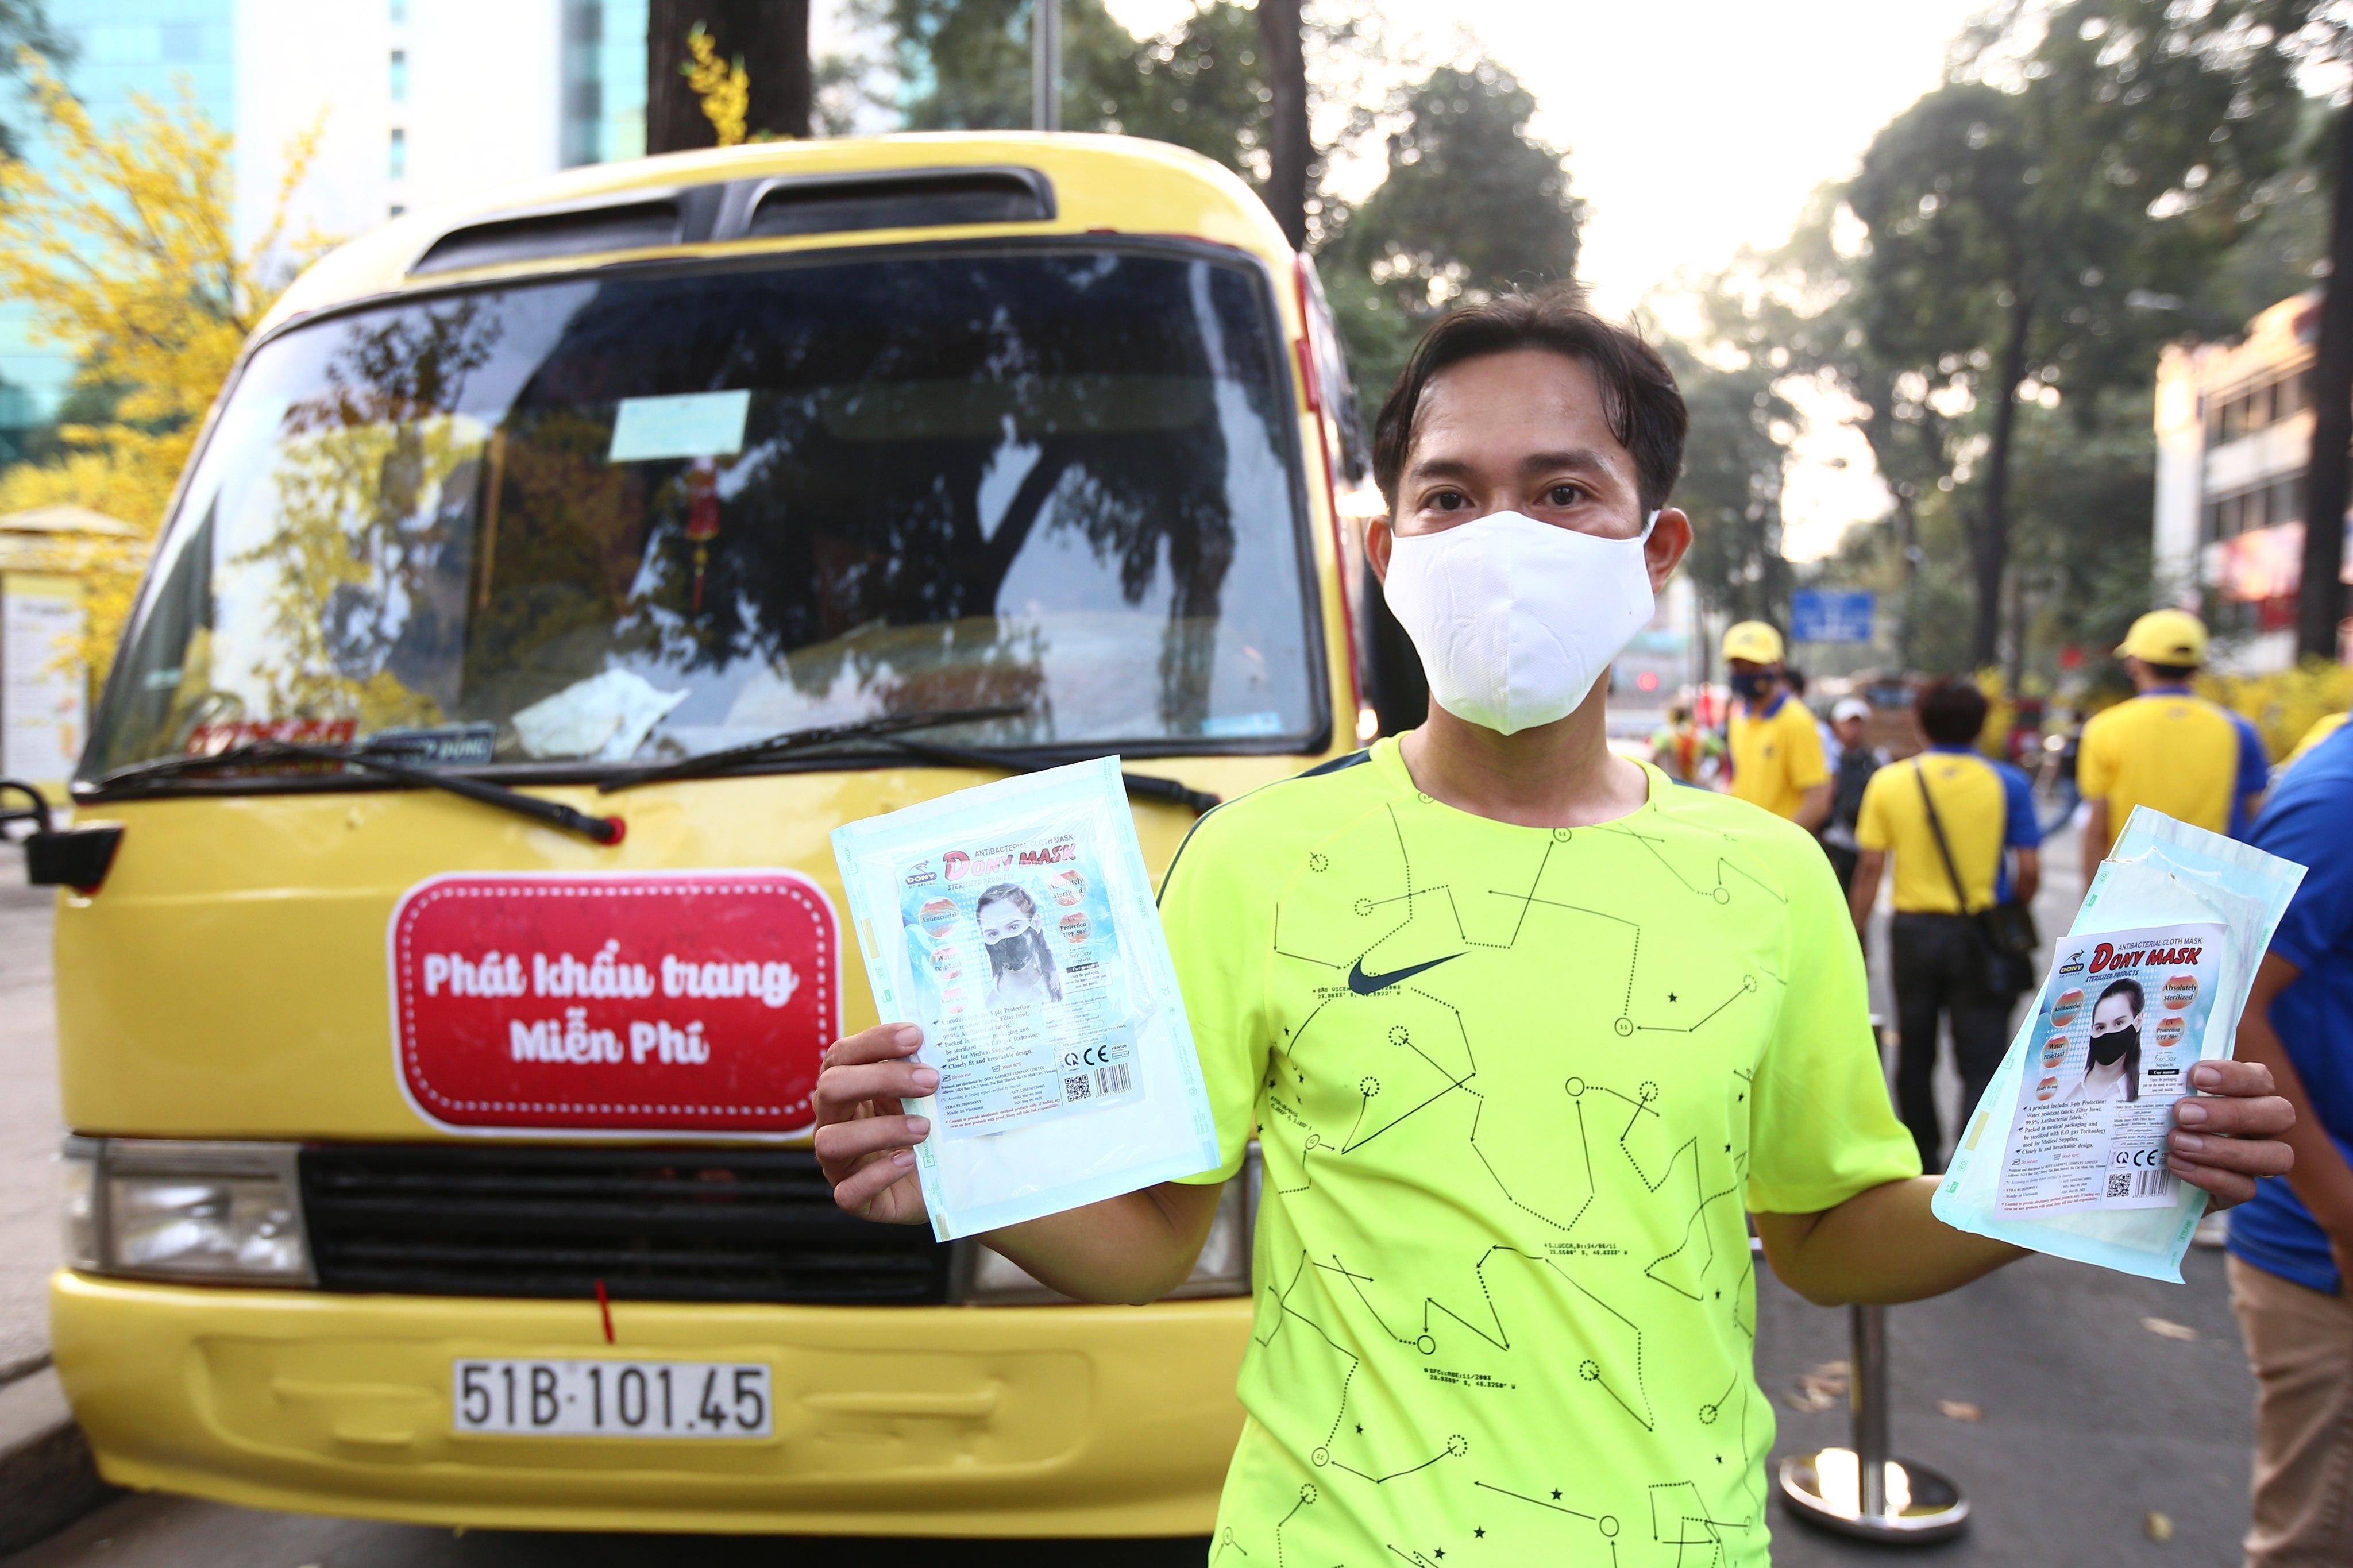 Xe buýt khẩu trang phát tự động 100.000 cái miễn phí cho người dân Sài Gòn 1